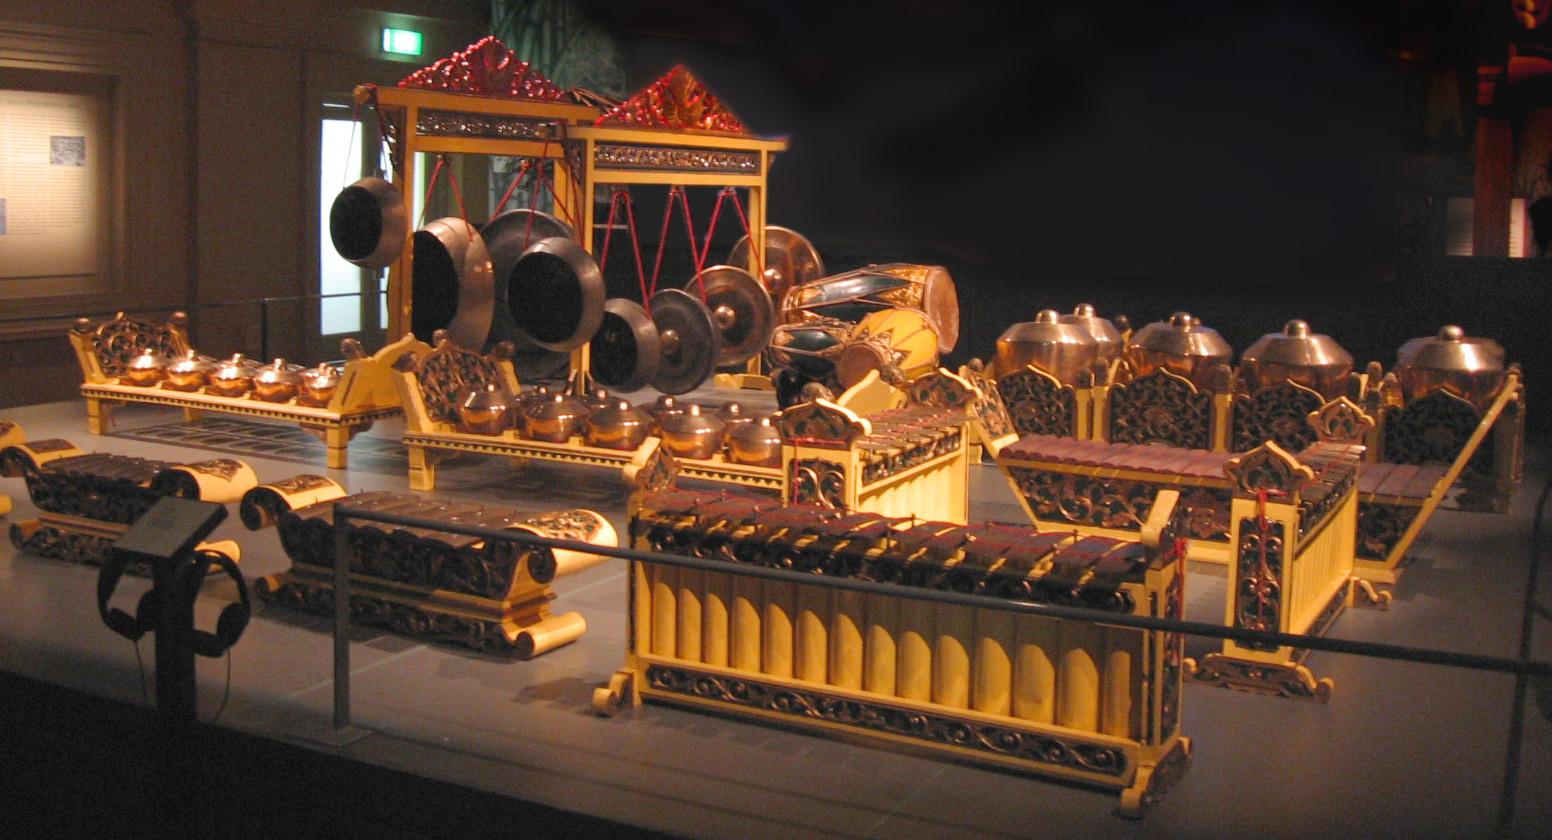 Asian_Civilisations_Museum,_Empress_Place_19,_Aug_06